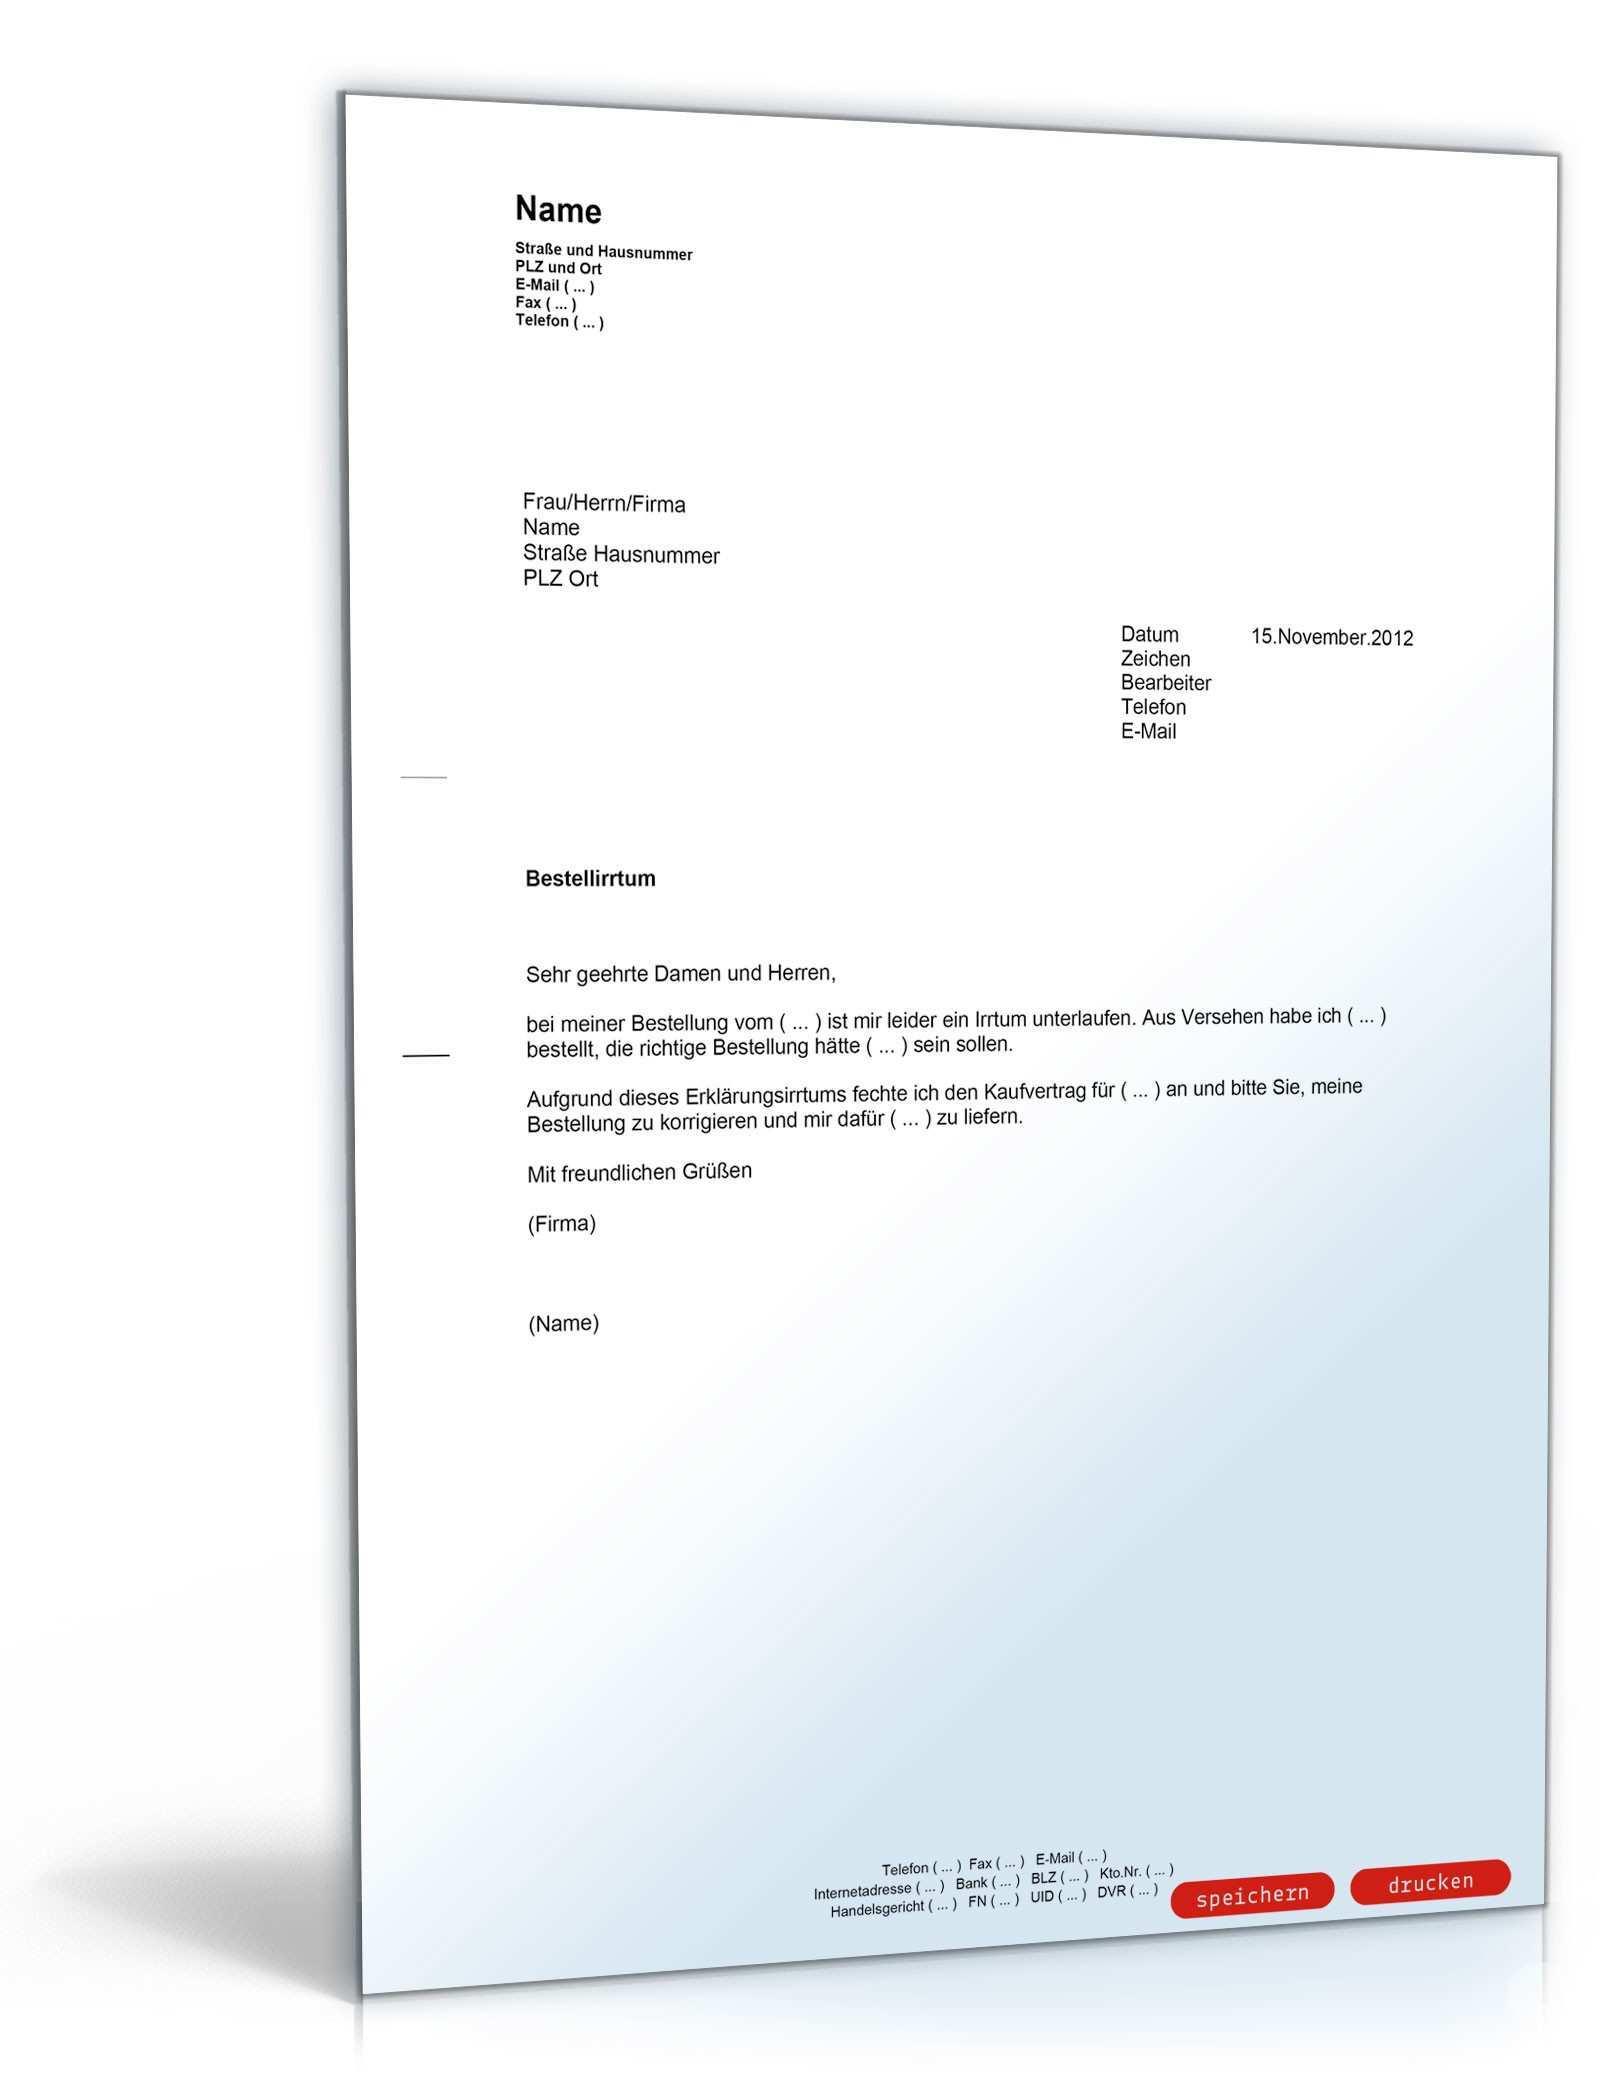 Anfechtung Kaufvertrag Wegen Irrtums Muster Vorlage Zum Download